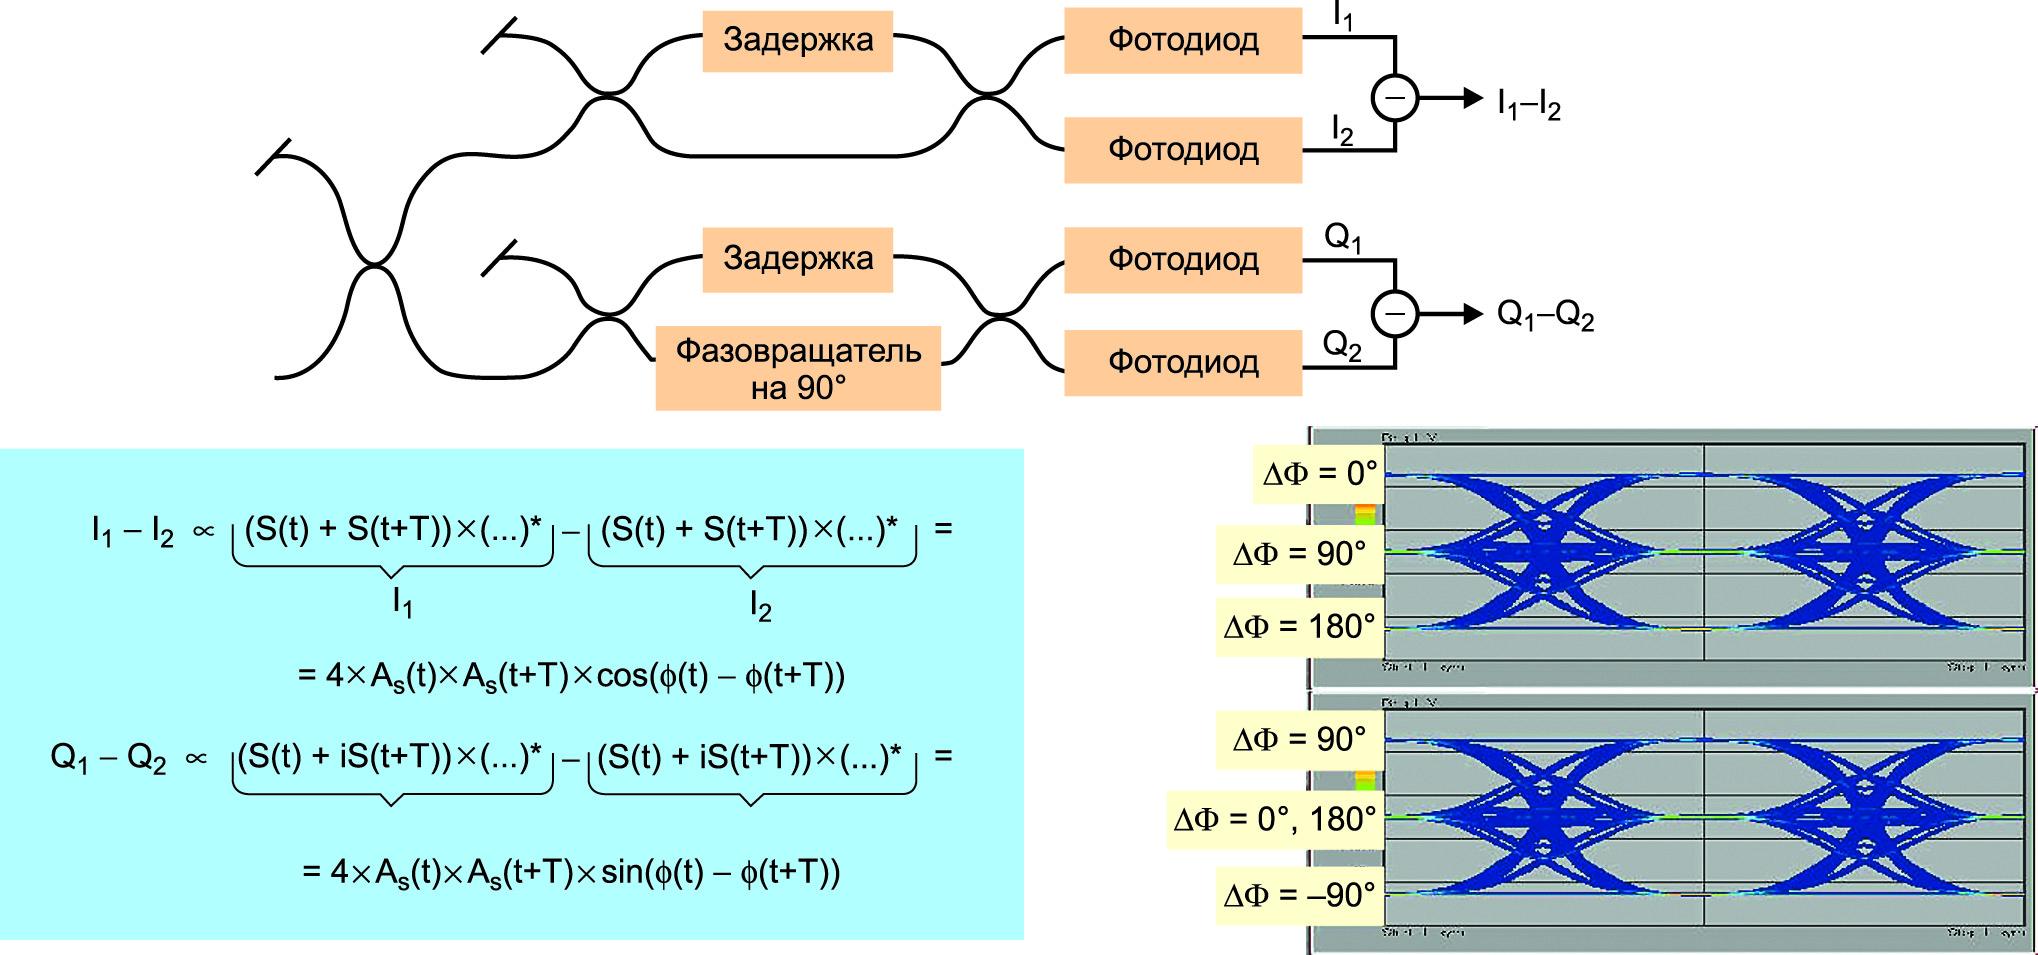 Расширенный интерферометр с линией задержки для QPSK и видов модуляции более высокого порядка